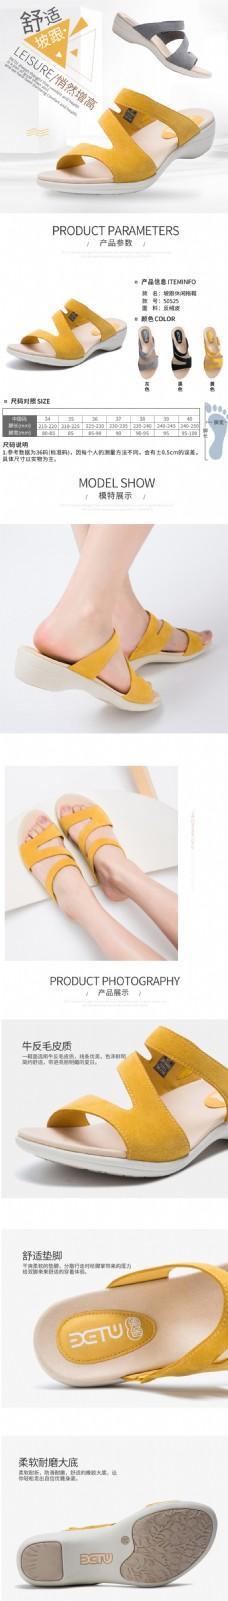 天猫淘宝电商女装服装凉鞋鞋子坡跟女式凉鞋详情页